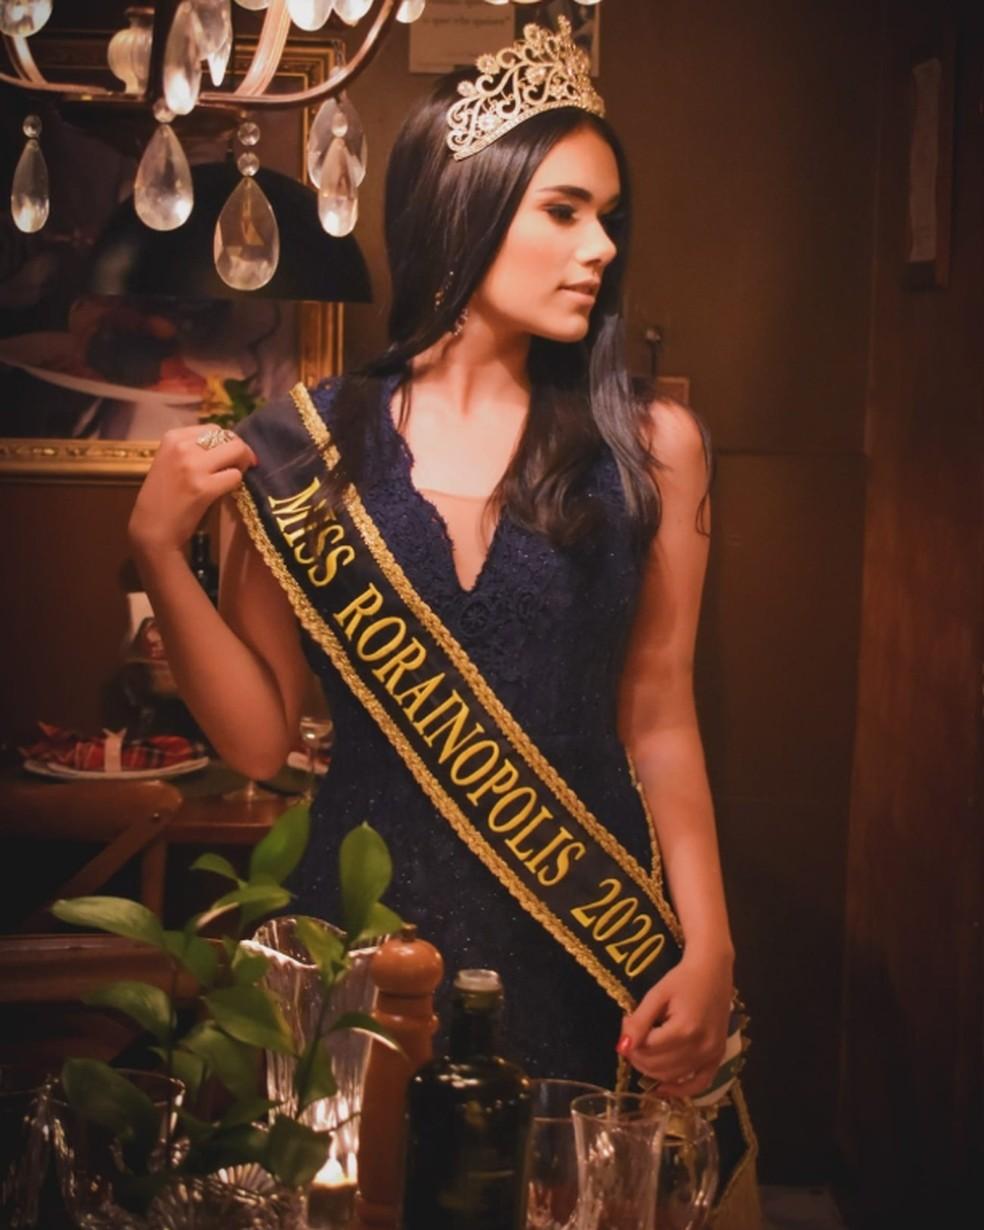 Vanessa Lays foi miss Rorainópolis 2020 — Foto: Reprodução/Instagram vanessalayss